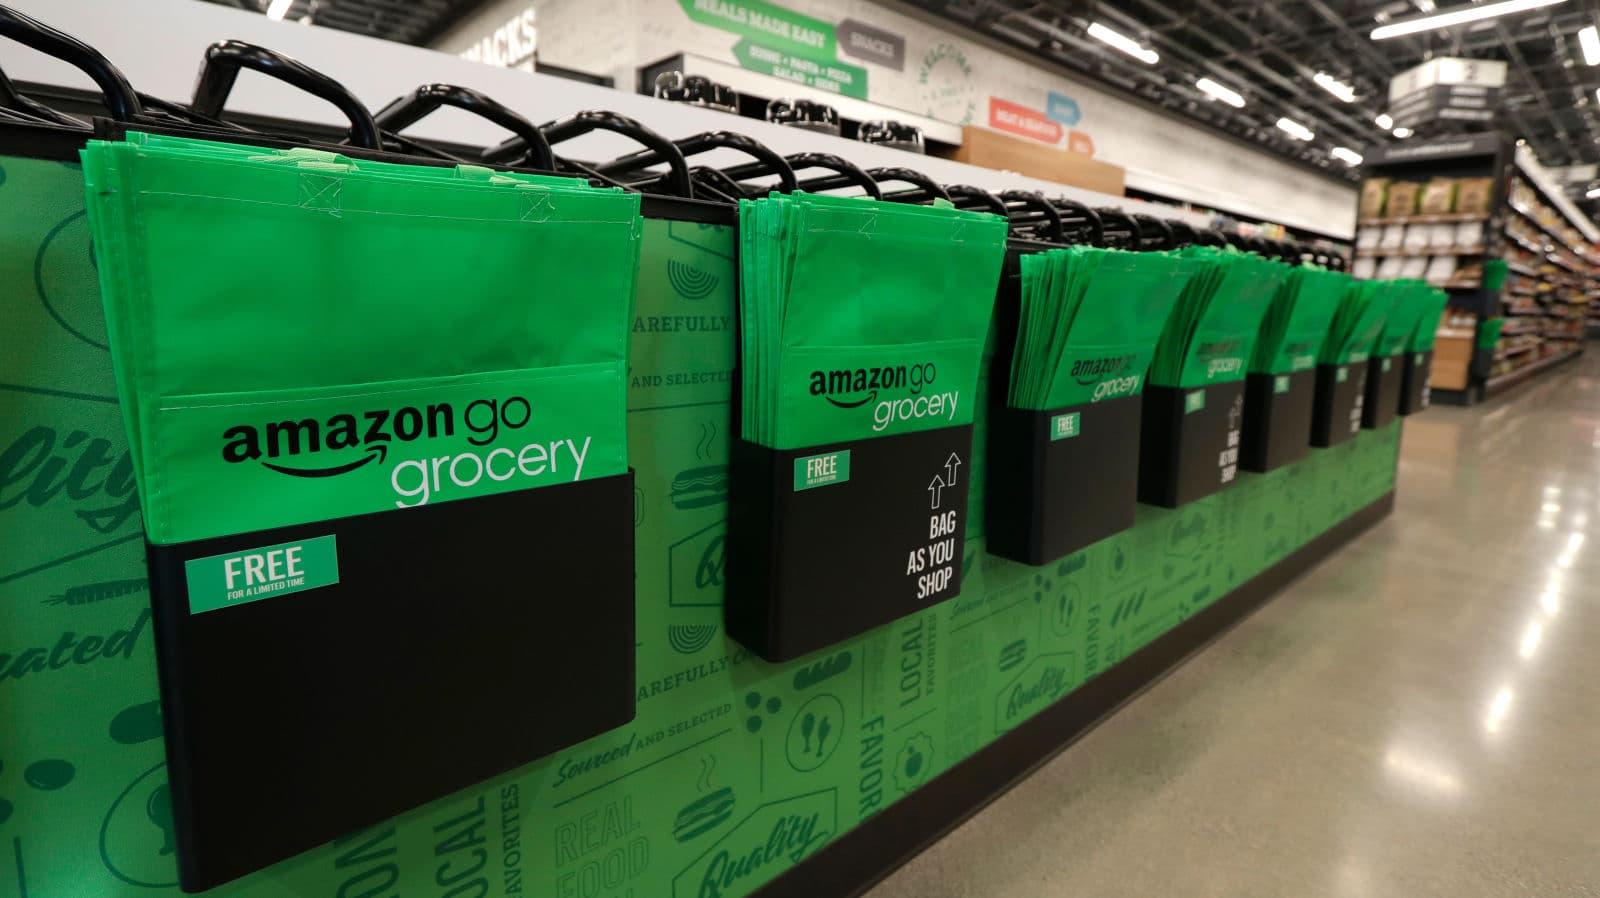 Sacolas da Amazon Go Grocery